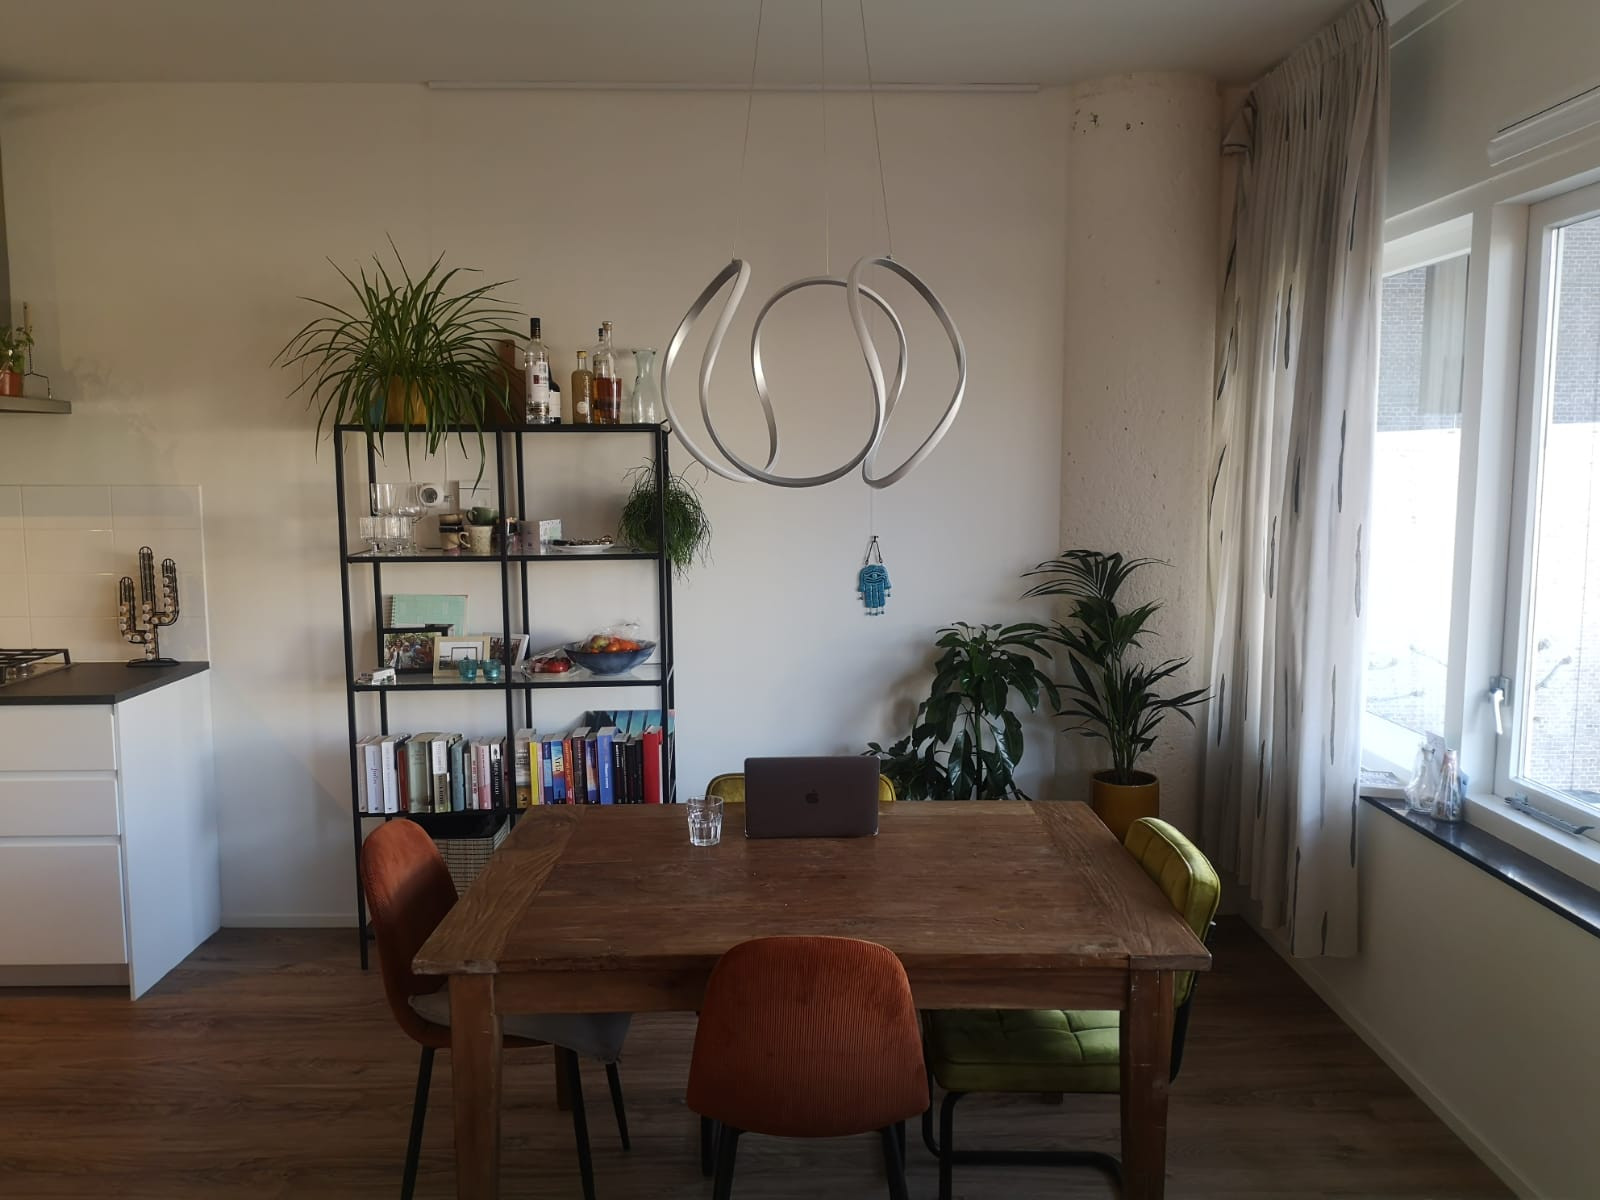 Appartement in centrum Haarlem (dakterras!!)